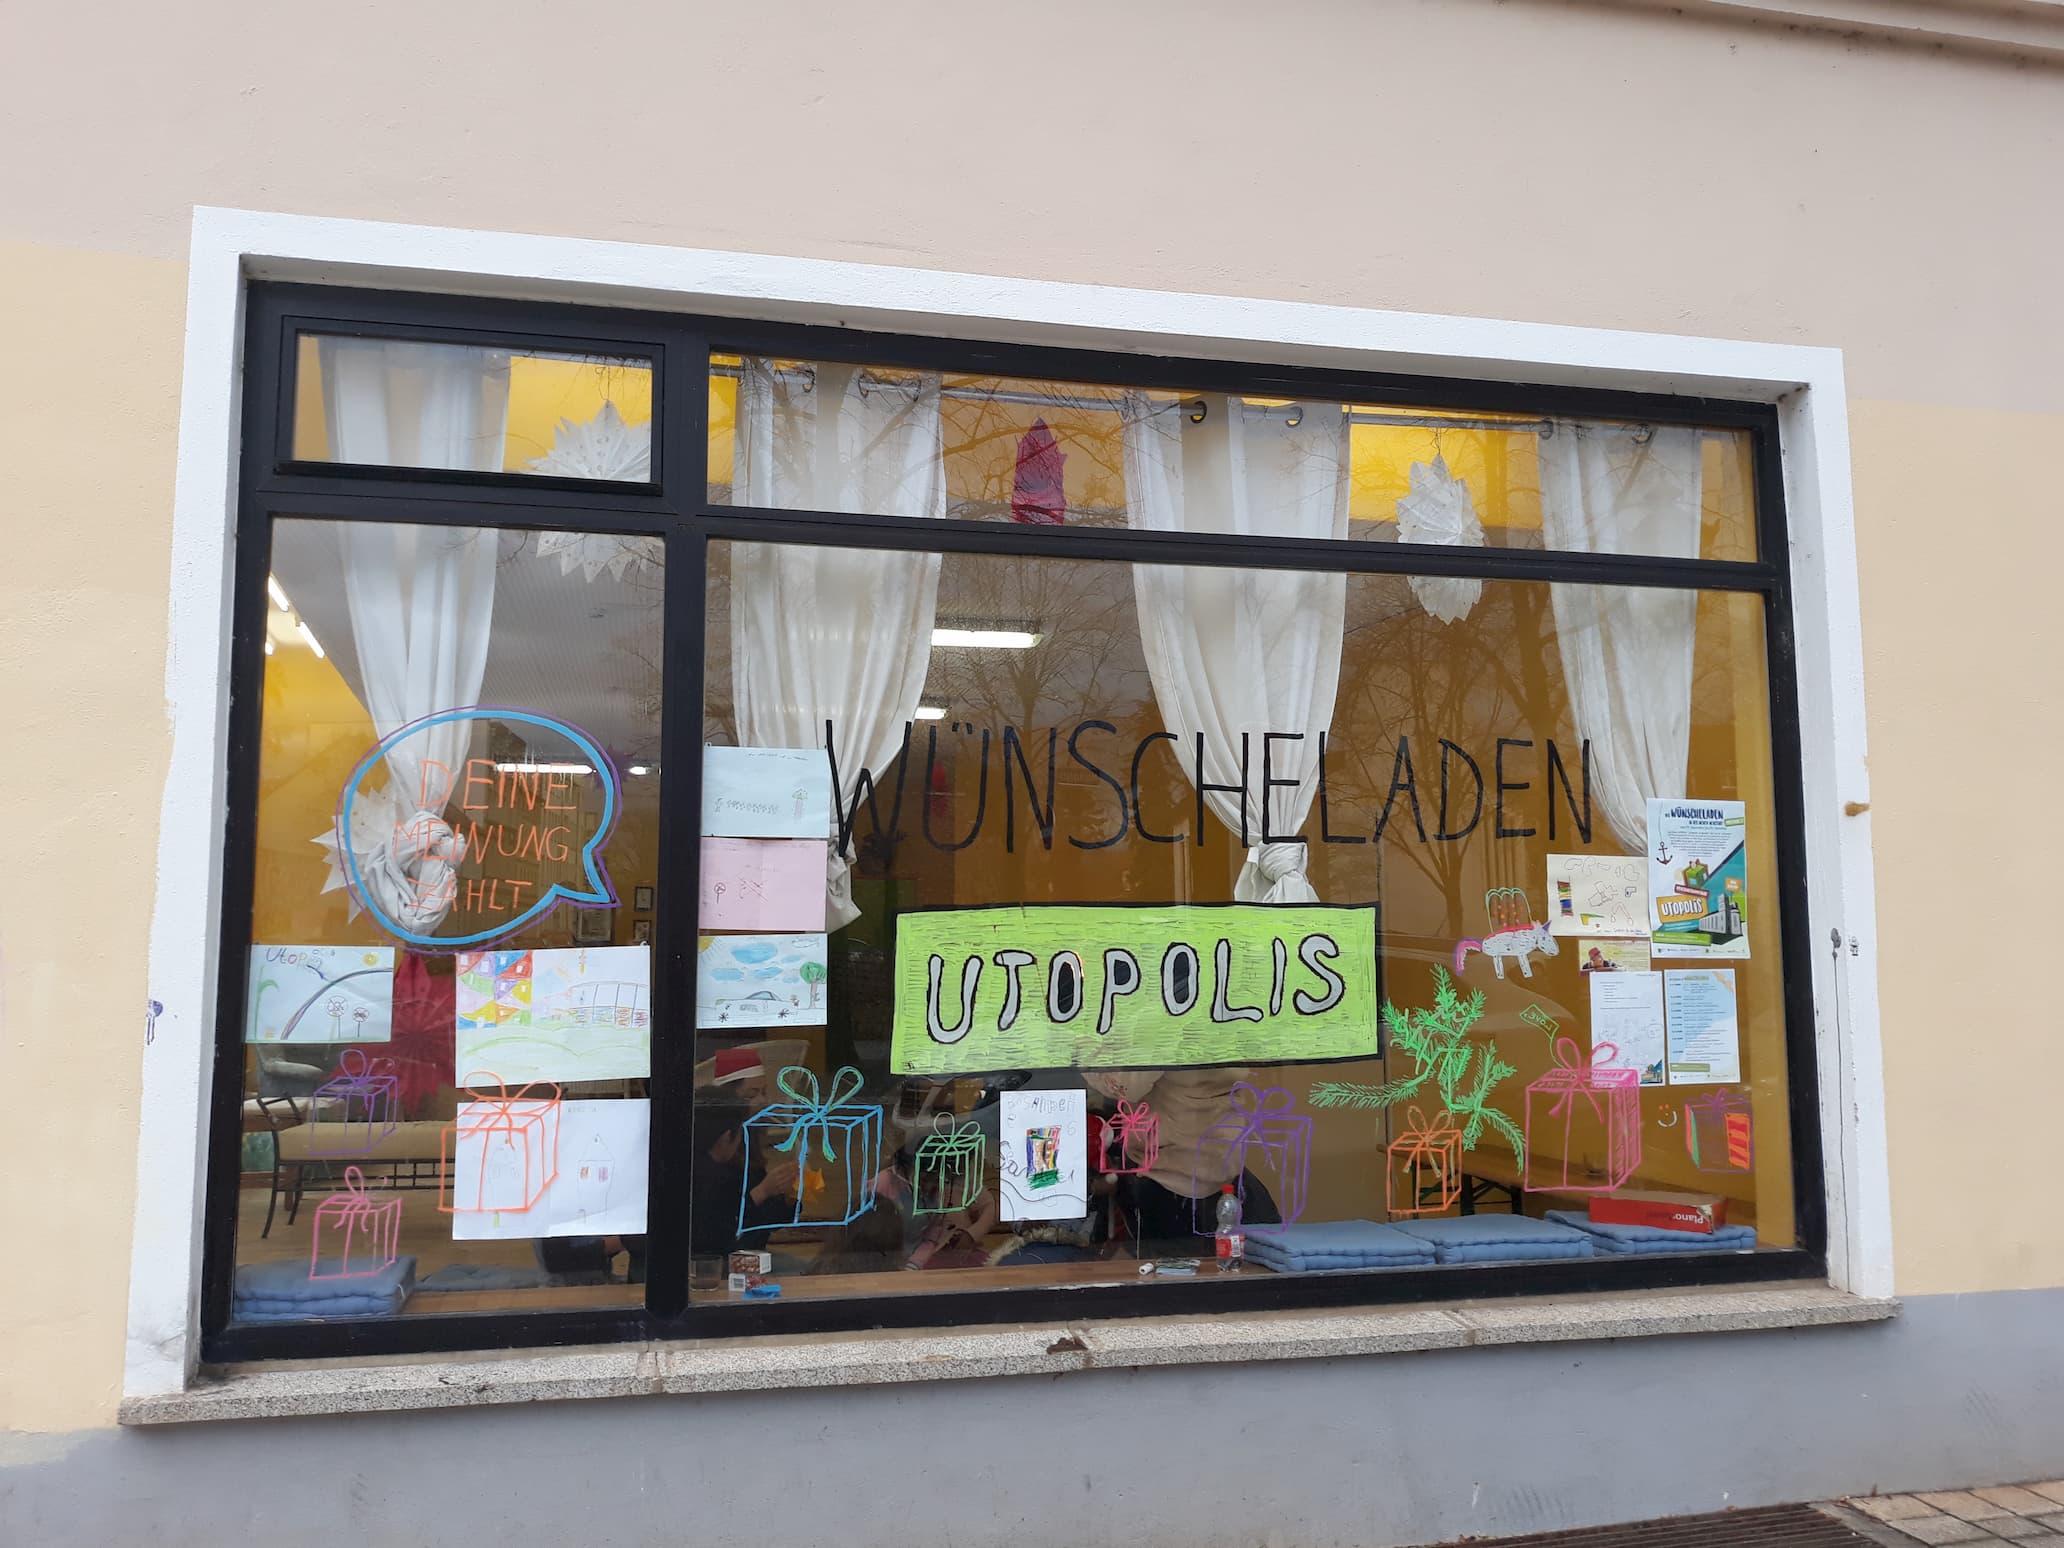 """Ladenfenster des Wünscheladens UTOPOLIS. Mit Fingerfarben wurde Geschenke und eine Sprechblase aufs Fenster gemalt. In der Sprechblase steht """"deine Meinung zählt""""."""